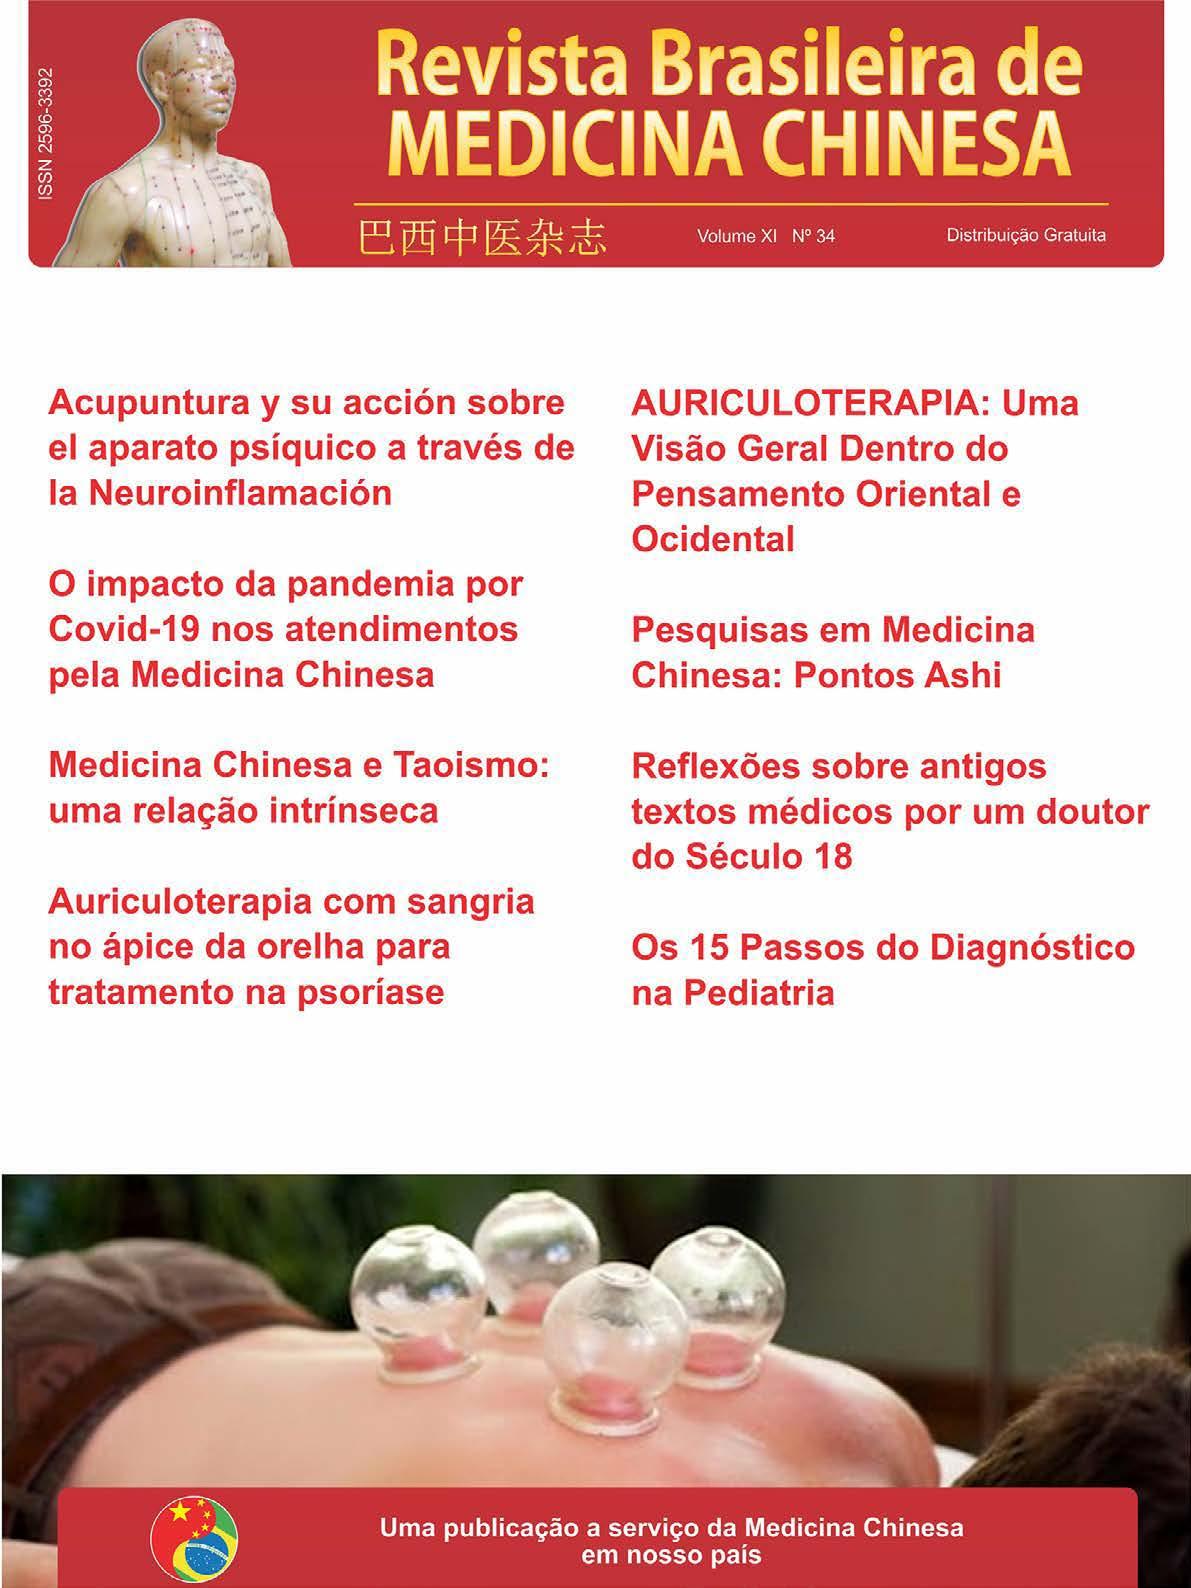 Revista Brasileira de Medicina Chinesa – 34ª Edição